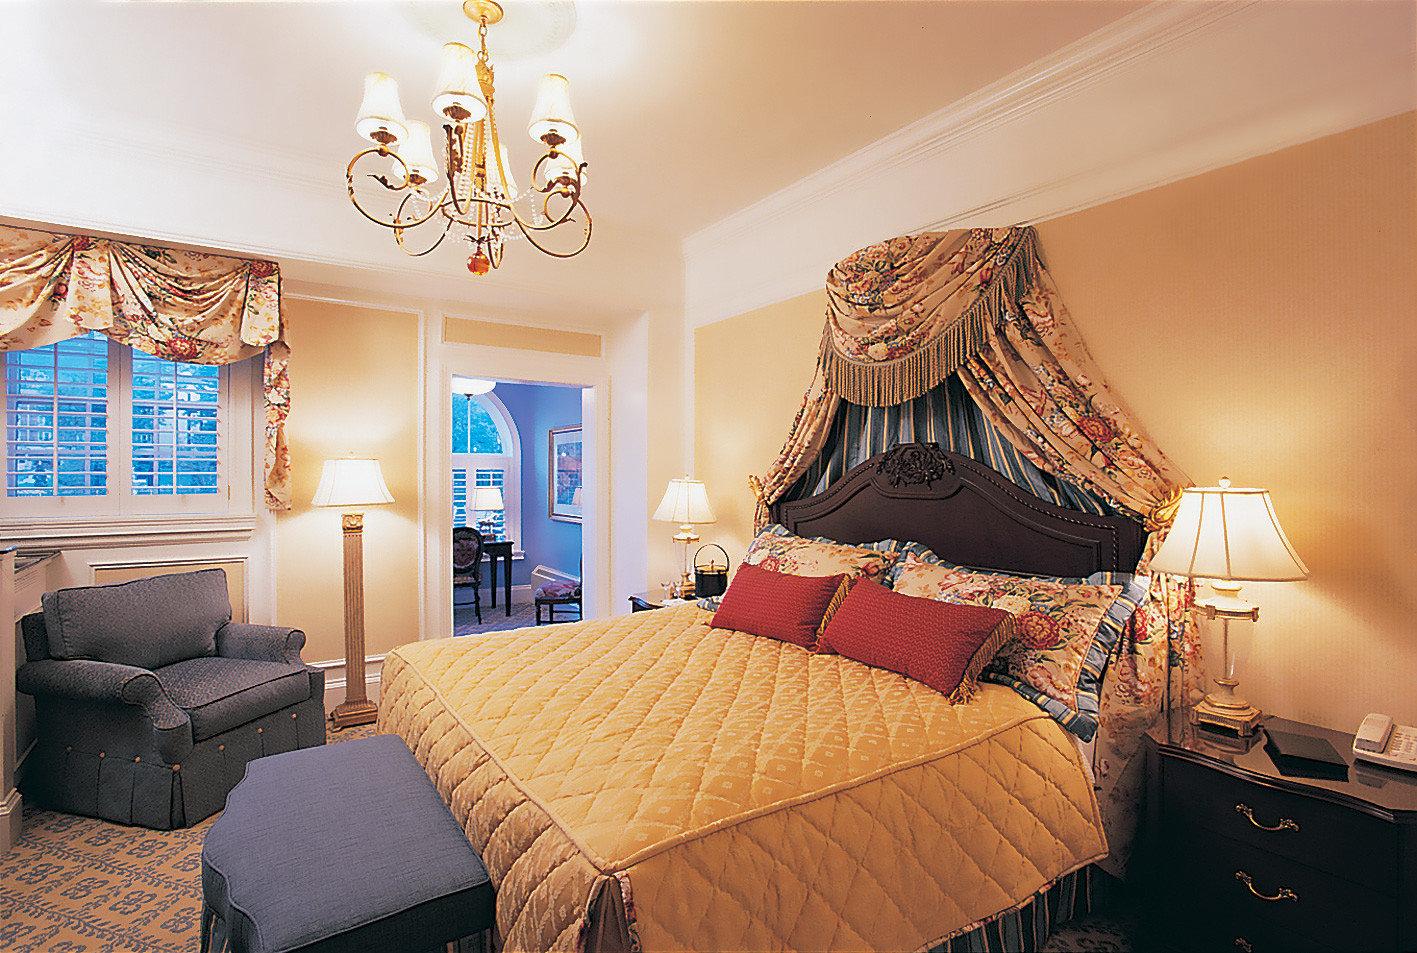 Bedroom Resort sofa property Suite living room home cottage bed sheet